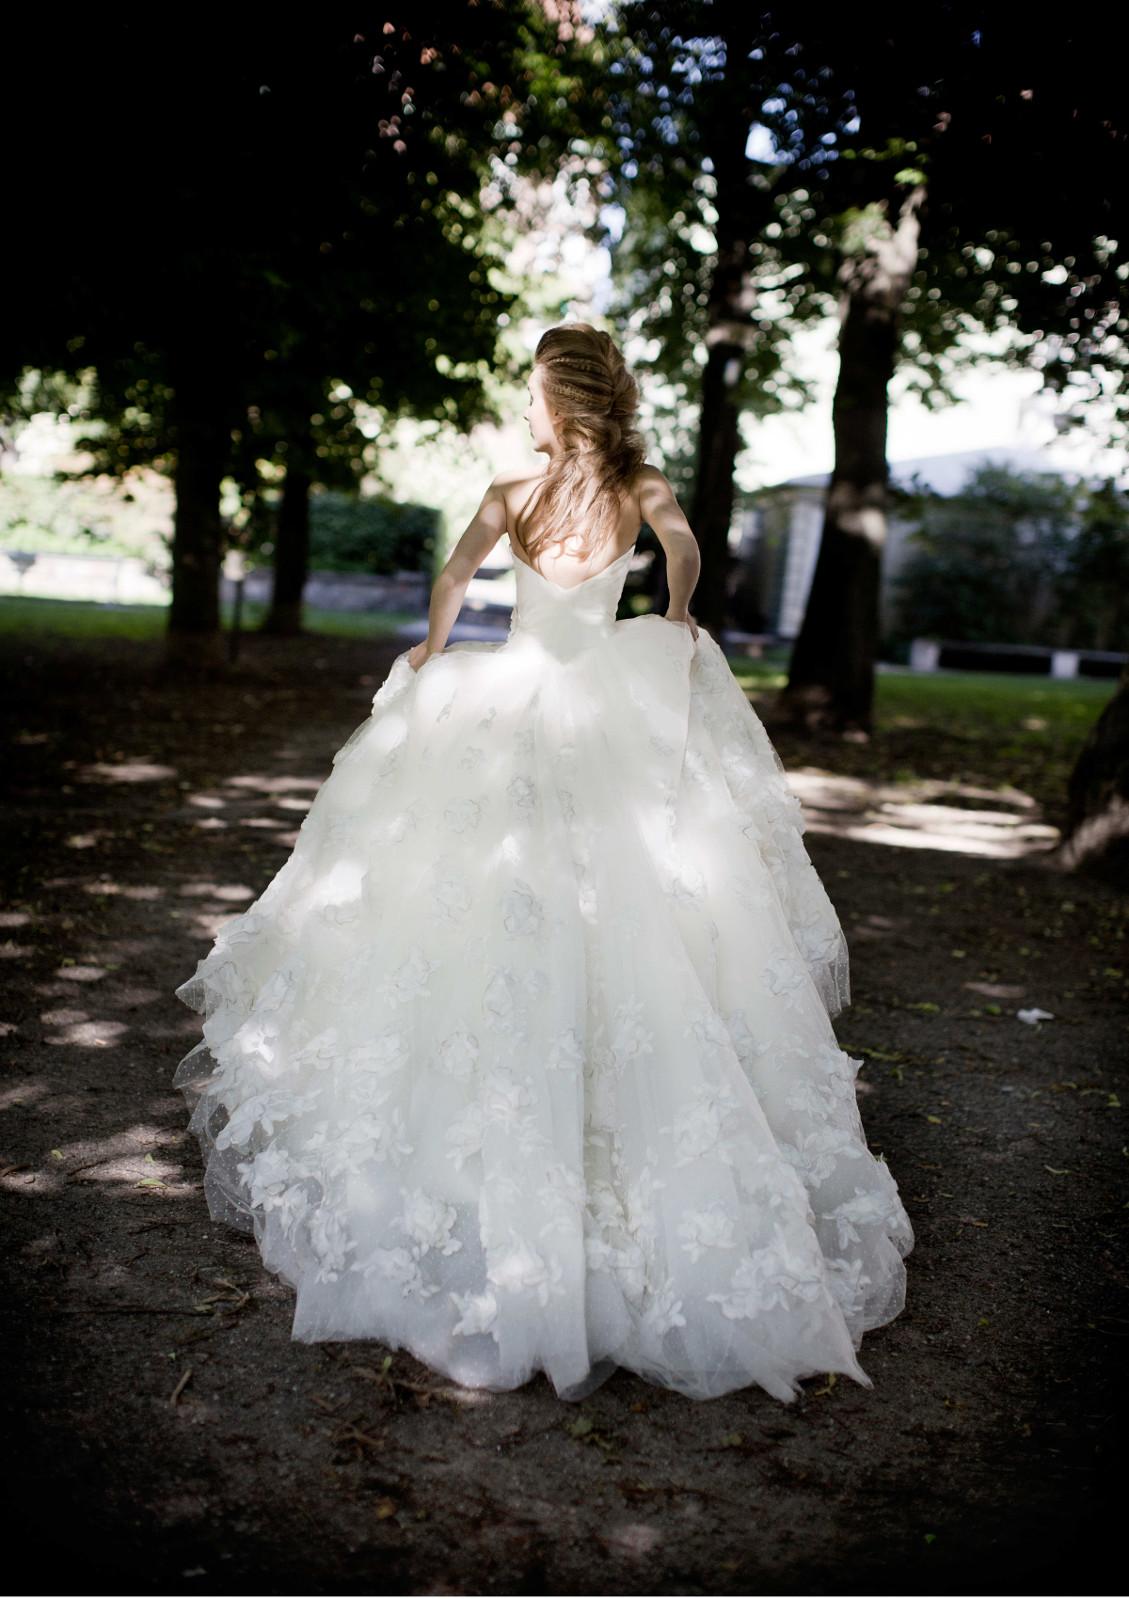 Brautkleid der Woche - Lea von Garamaj - Hochzeitsblog I Brautsalat